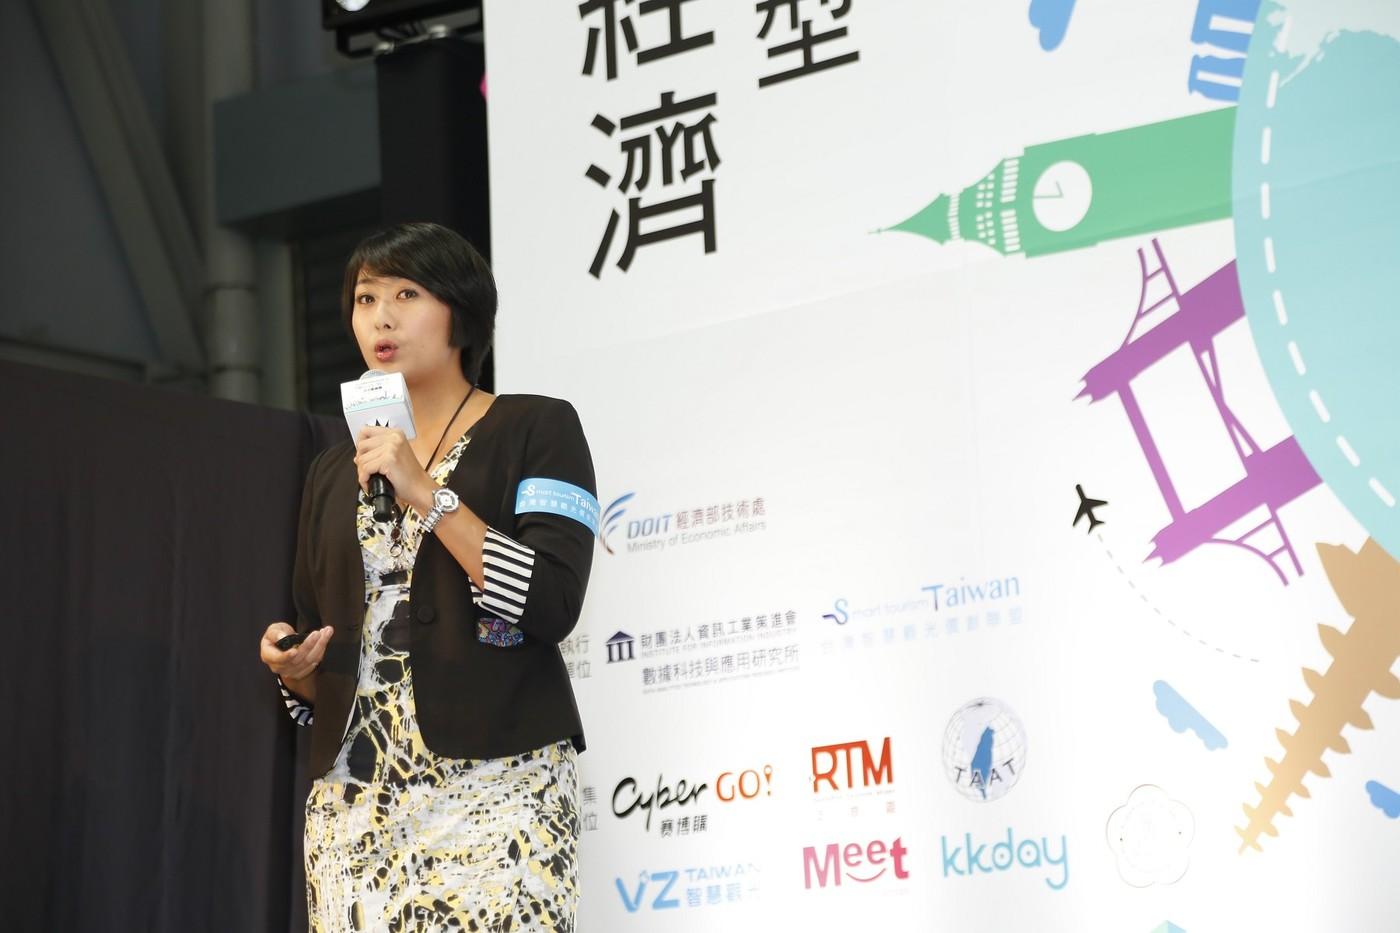 TripAdvisor旅遊數據解密:東南亞遊客對台灣的興趣正快速升高